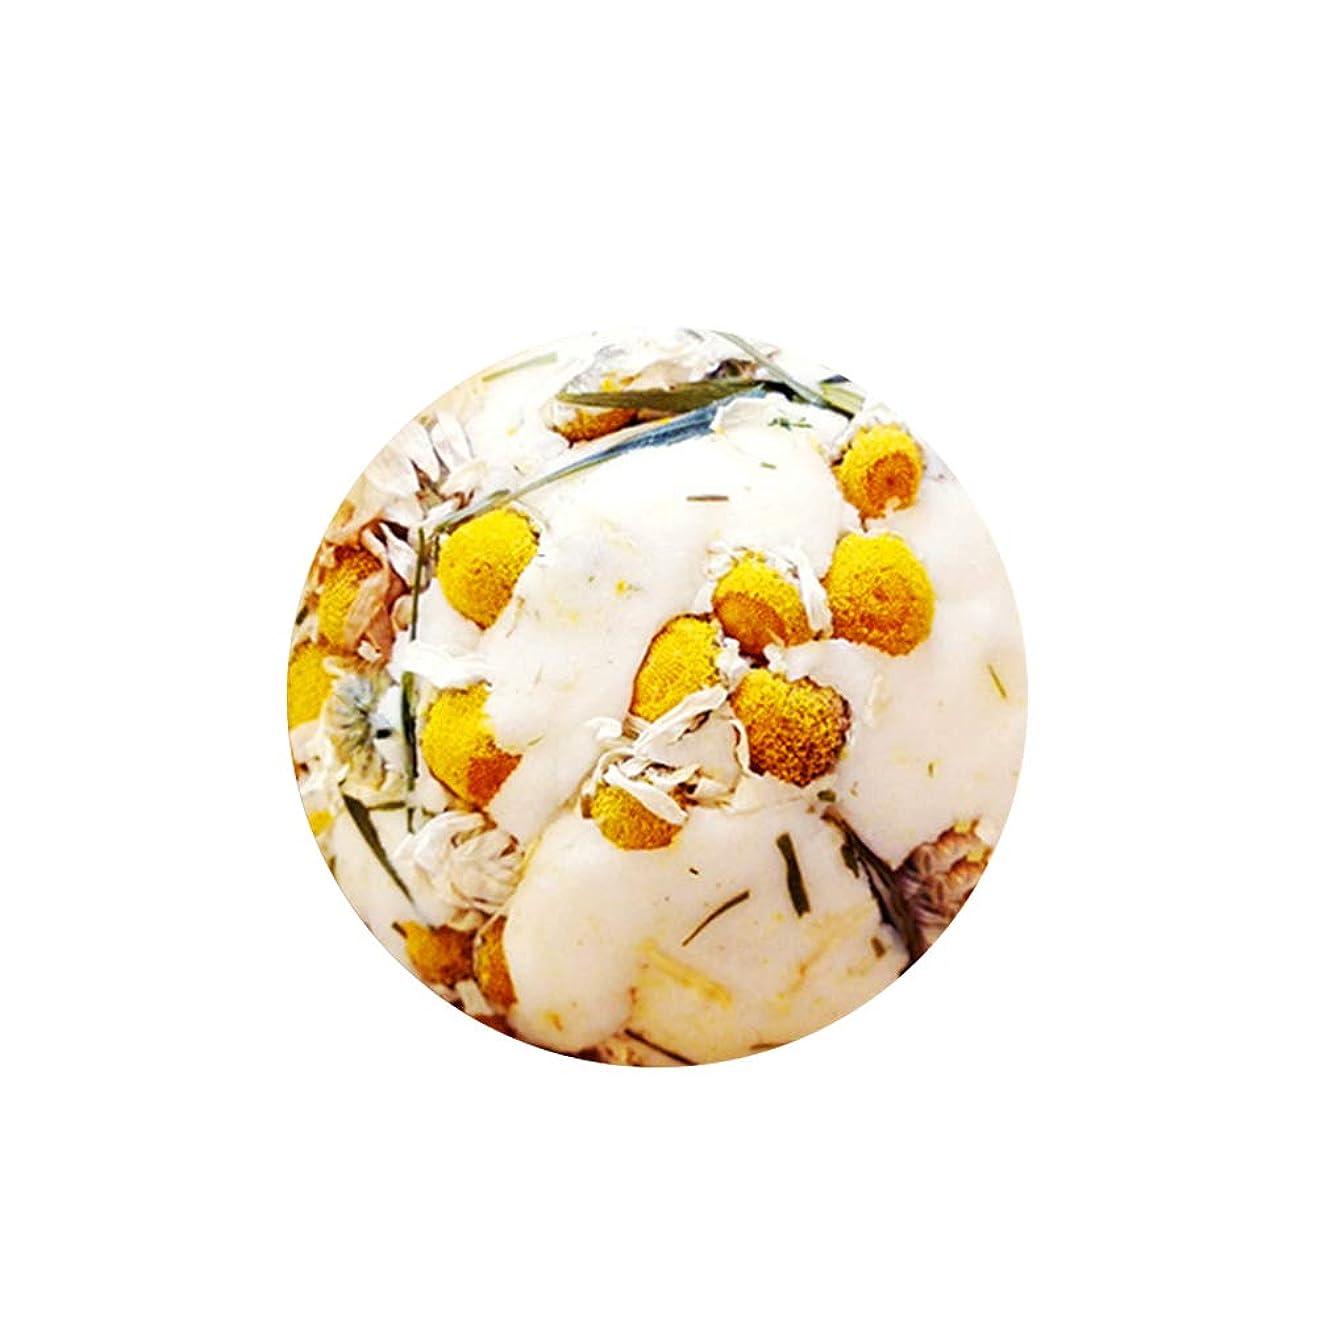 損傷むさぼり食うとげのあるLurrose 100グラム風呂爆弾カモミール塩バブル家庭用スキンケア風呂用品用バブルスパ風呂ギフト